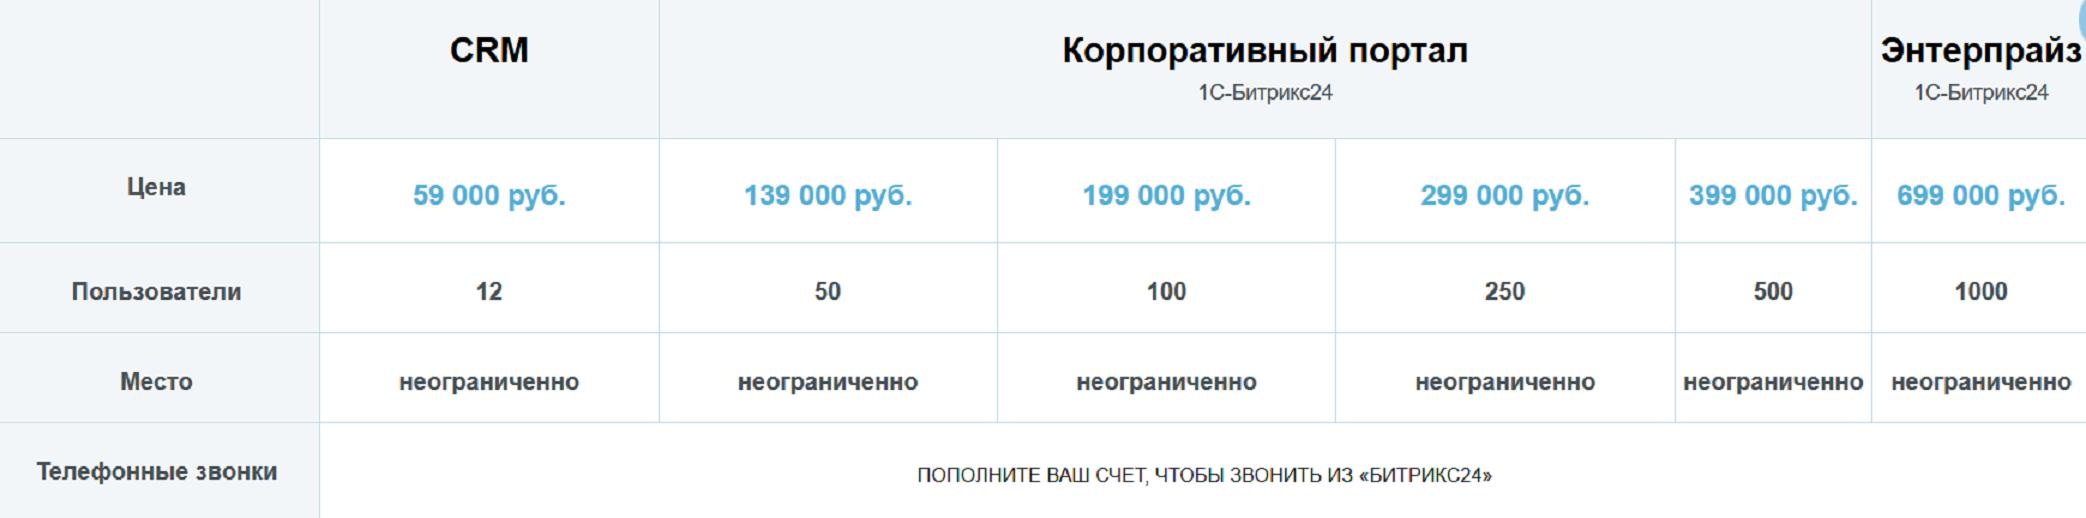 korobochnaya-versiya-bitrix